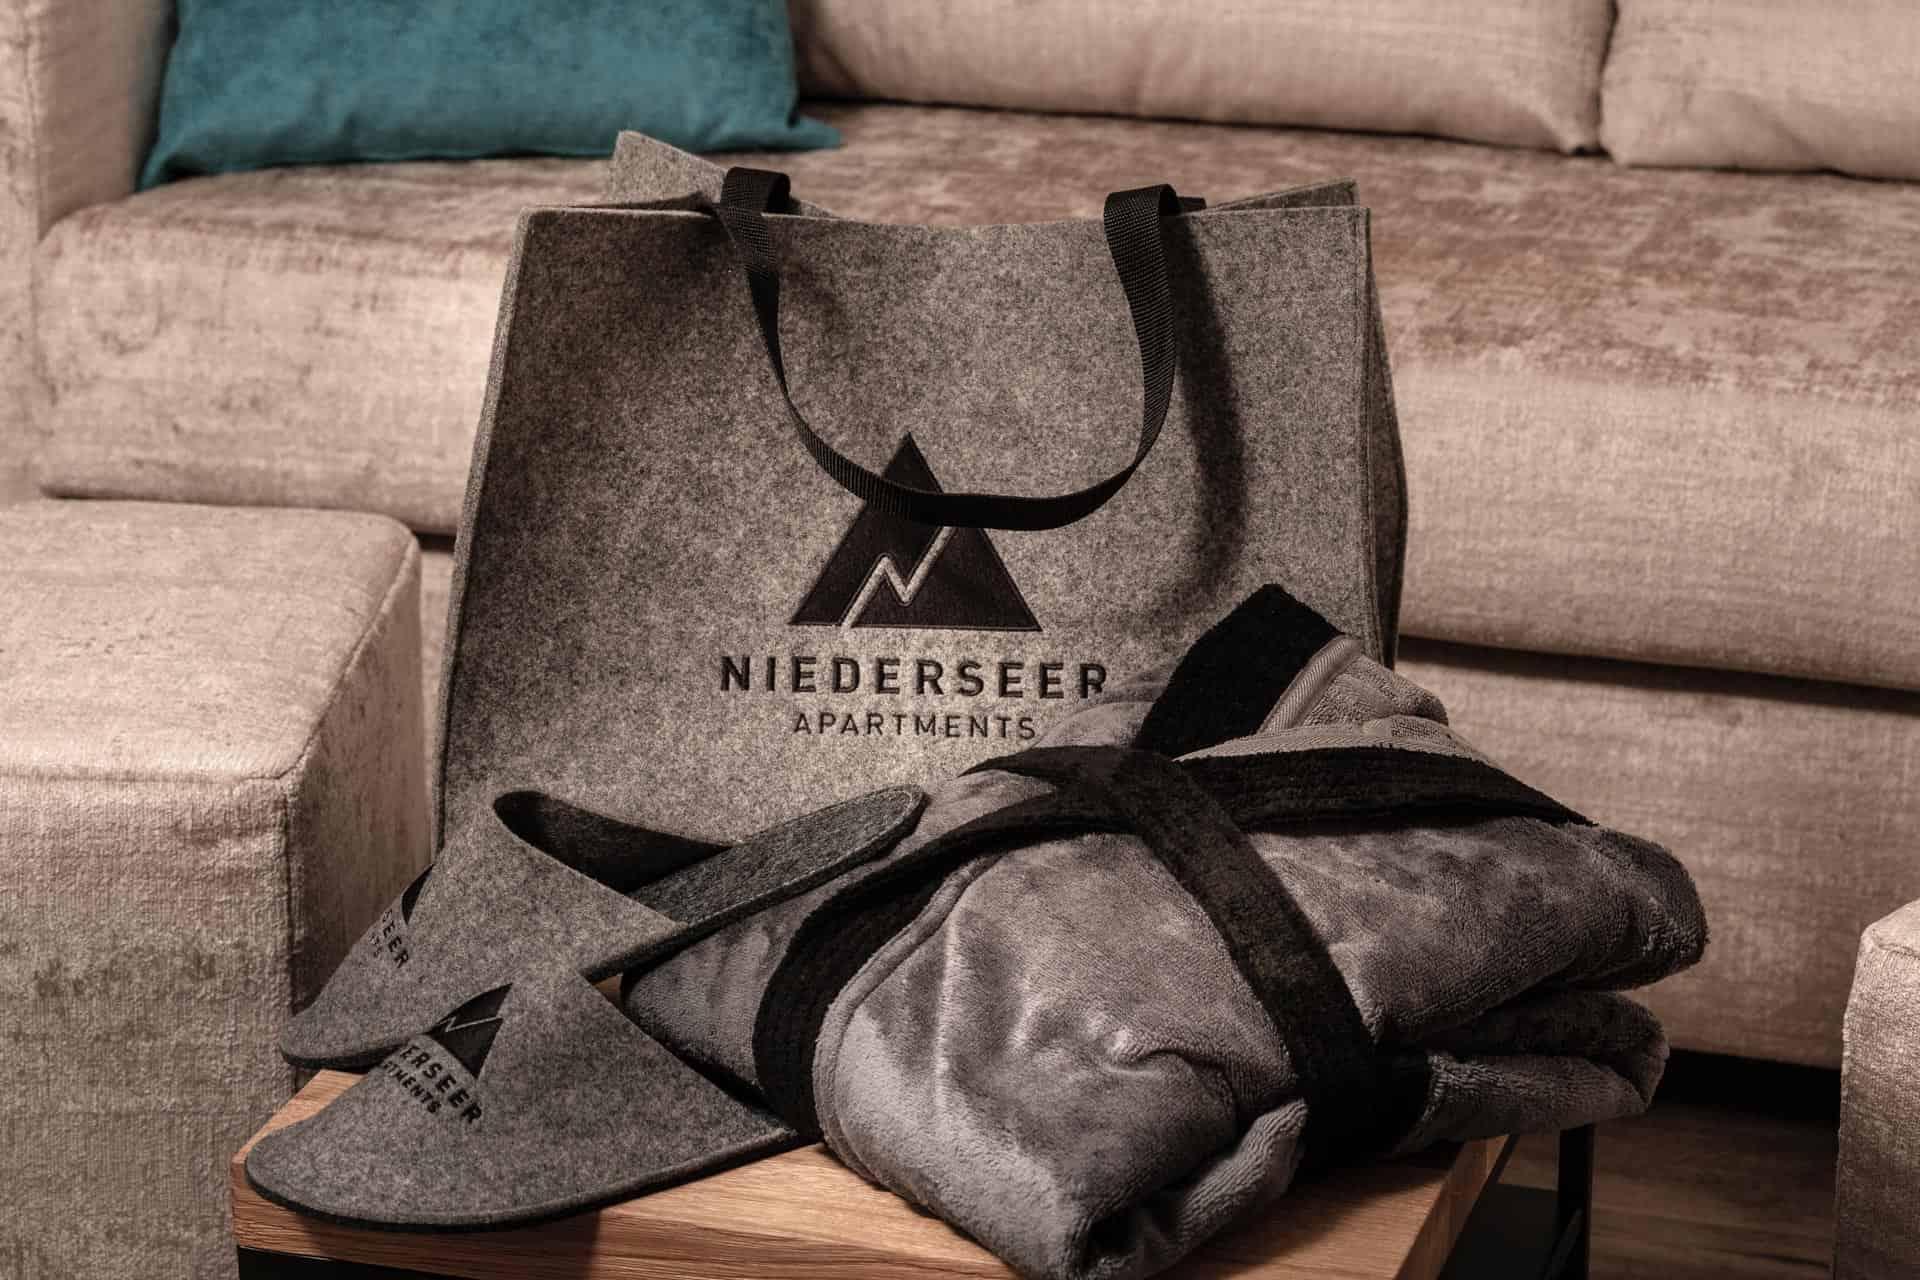 Niederseer-Apartments-072021-8